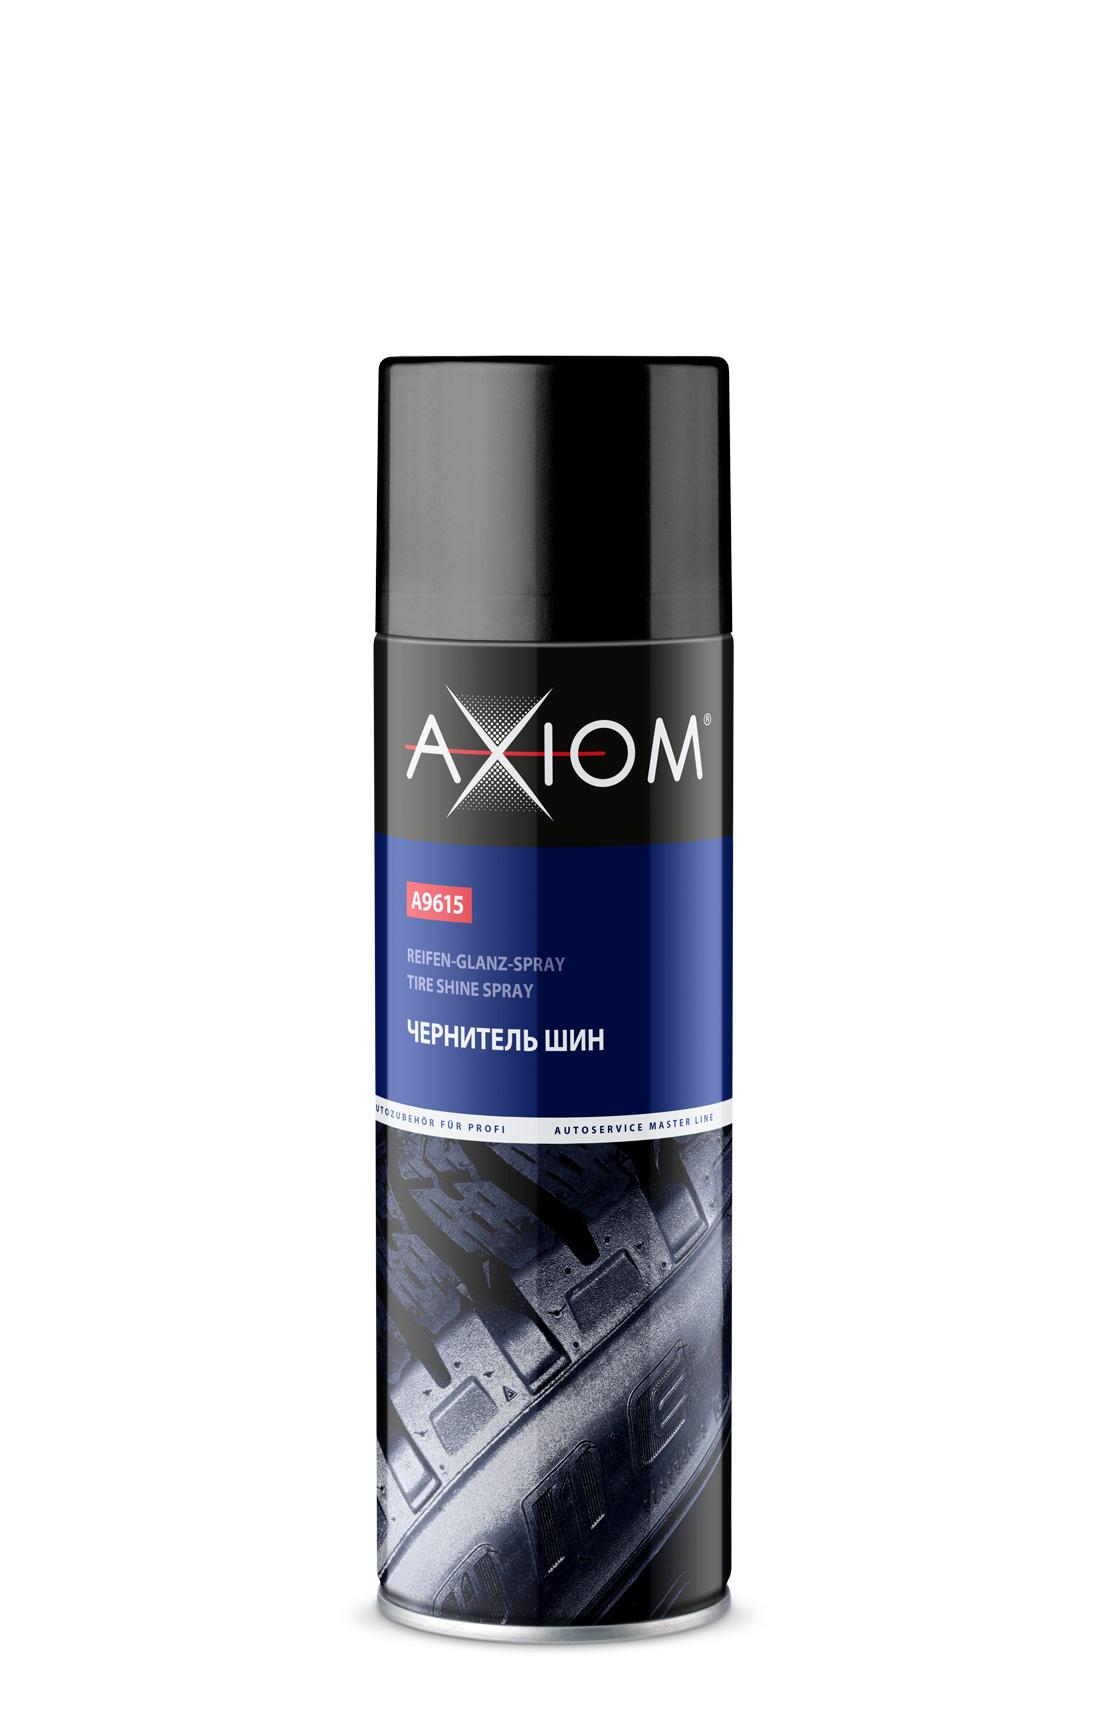 Чернитель шин 650 мл. AXIOM (A9615)